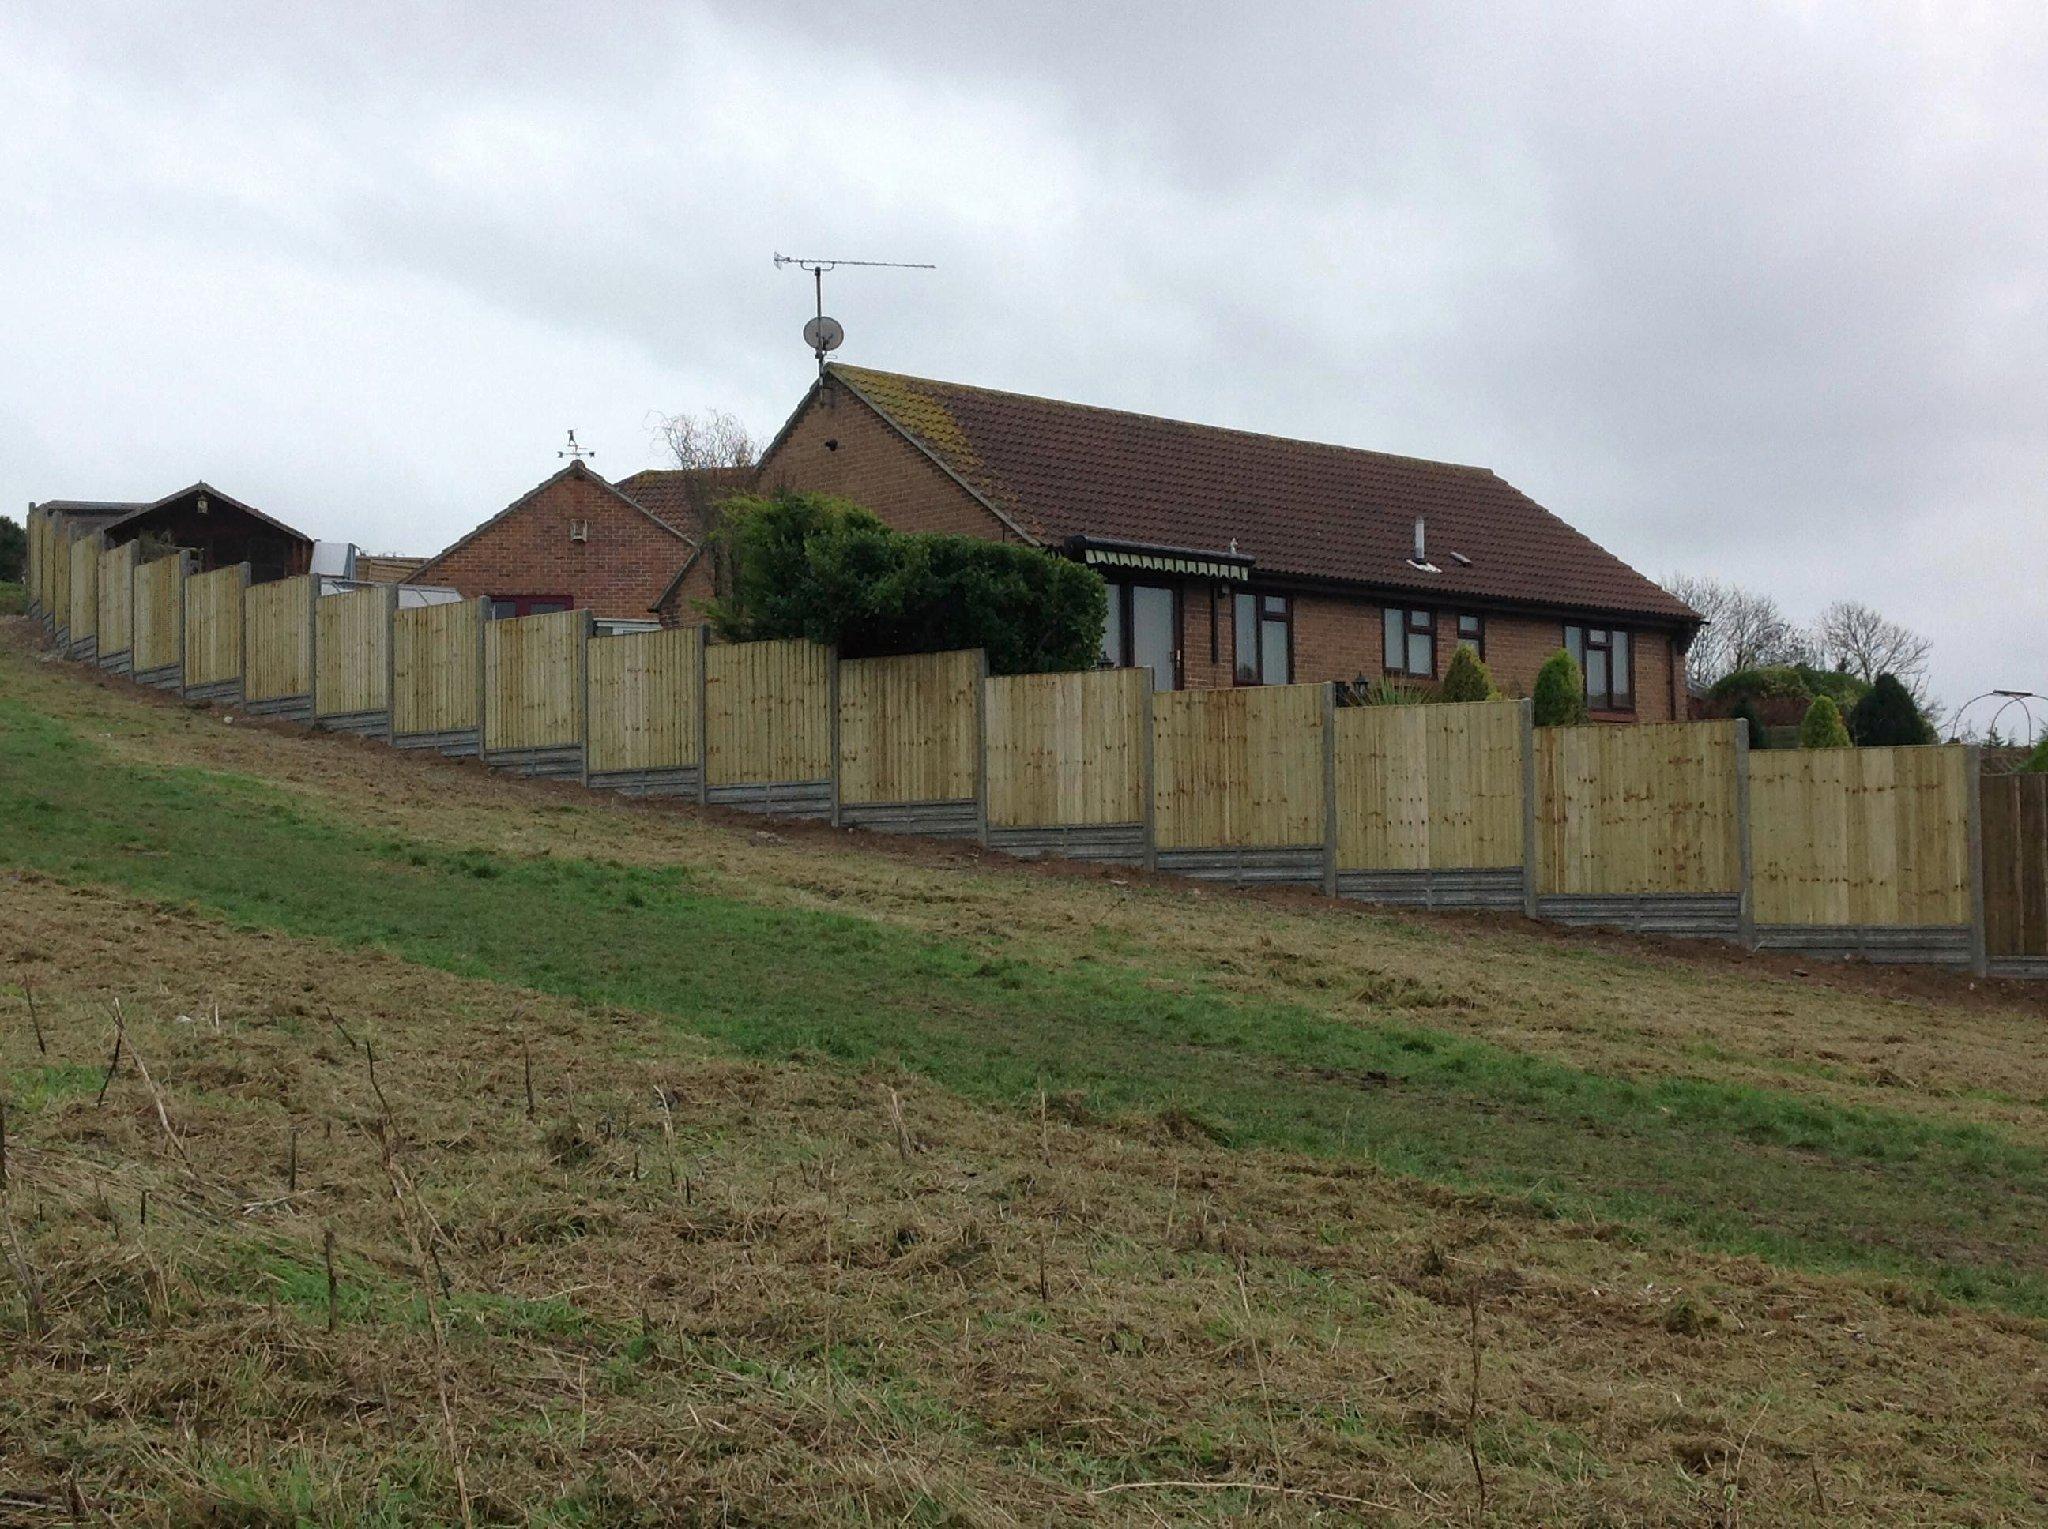 G J Meaker Fencing Garden Sheds In Lancing Bn15 0lh